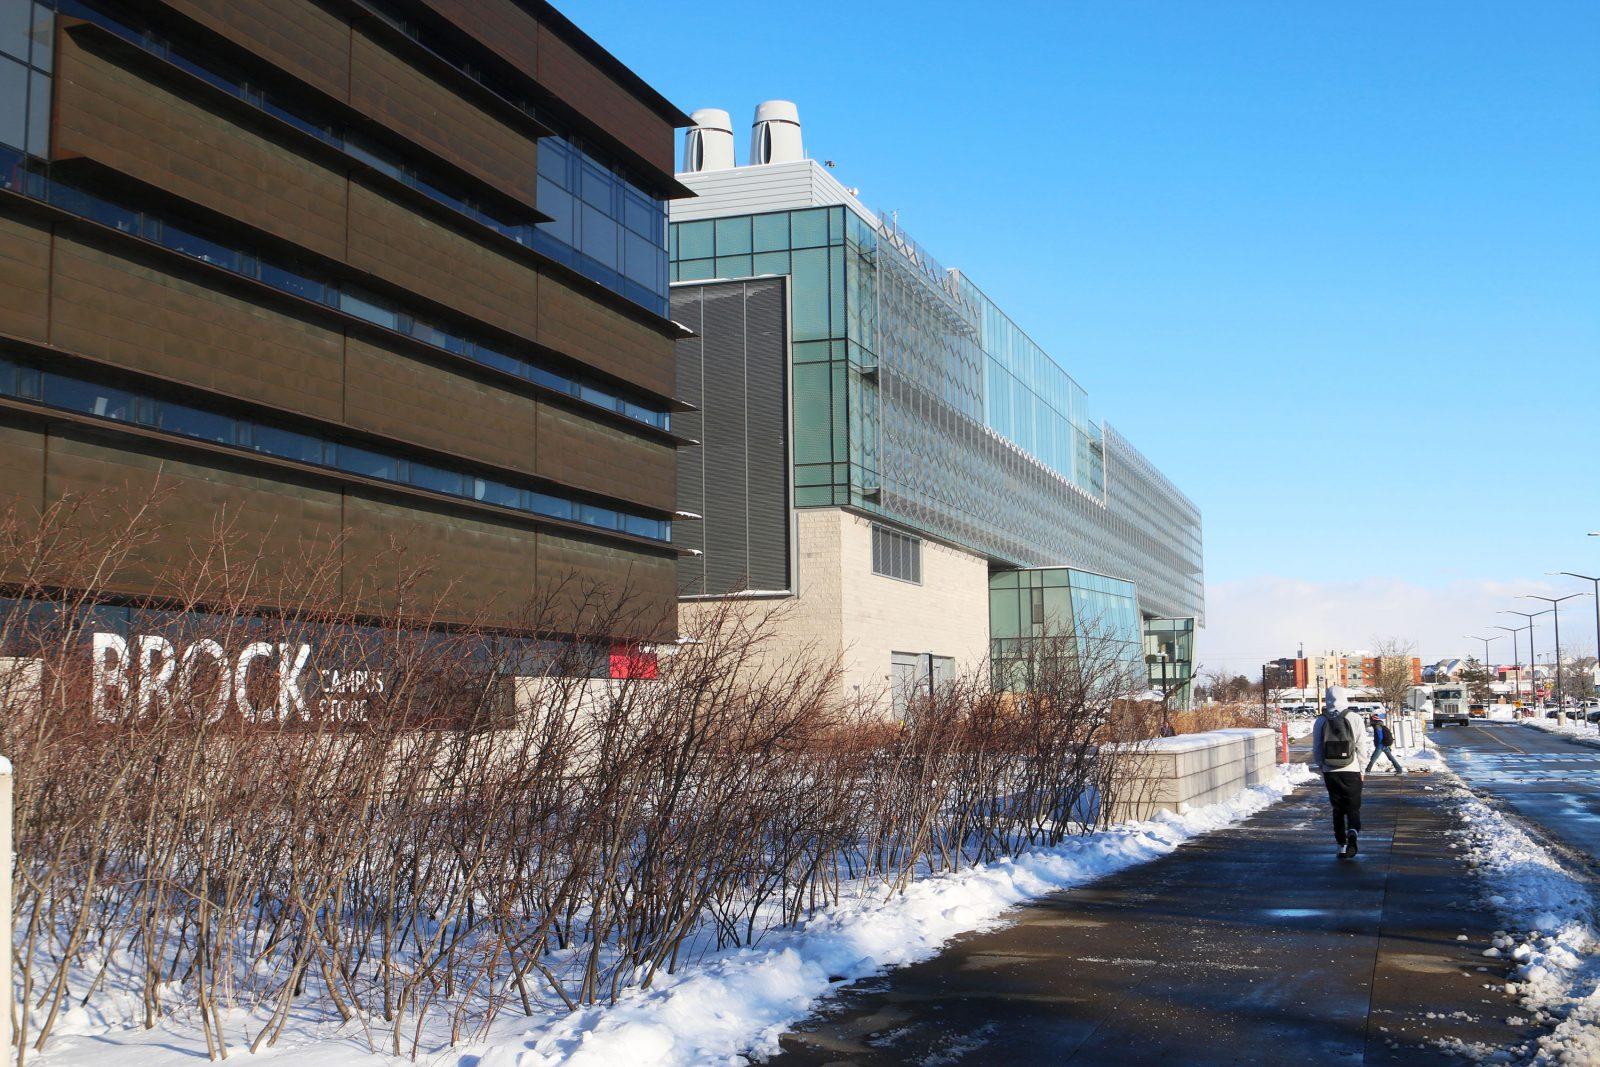 Brock campus in winter